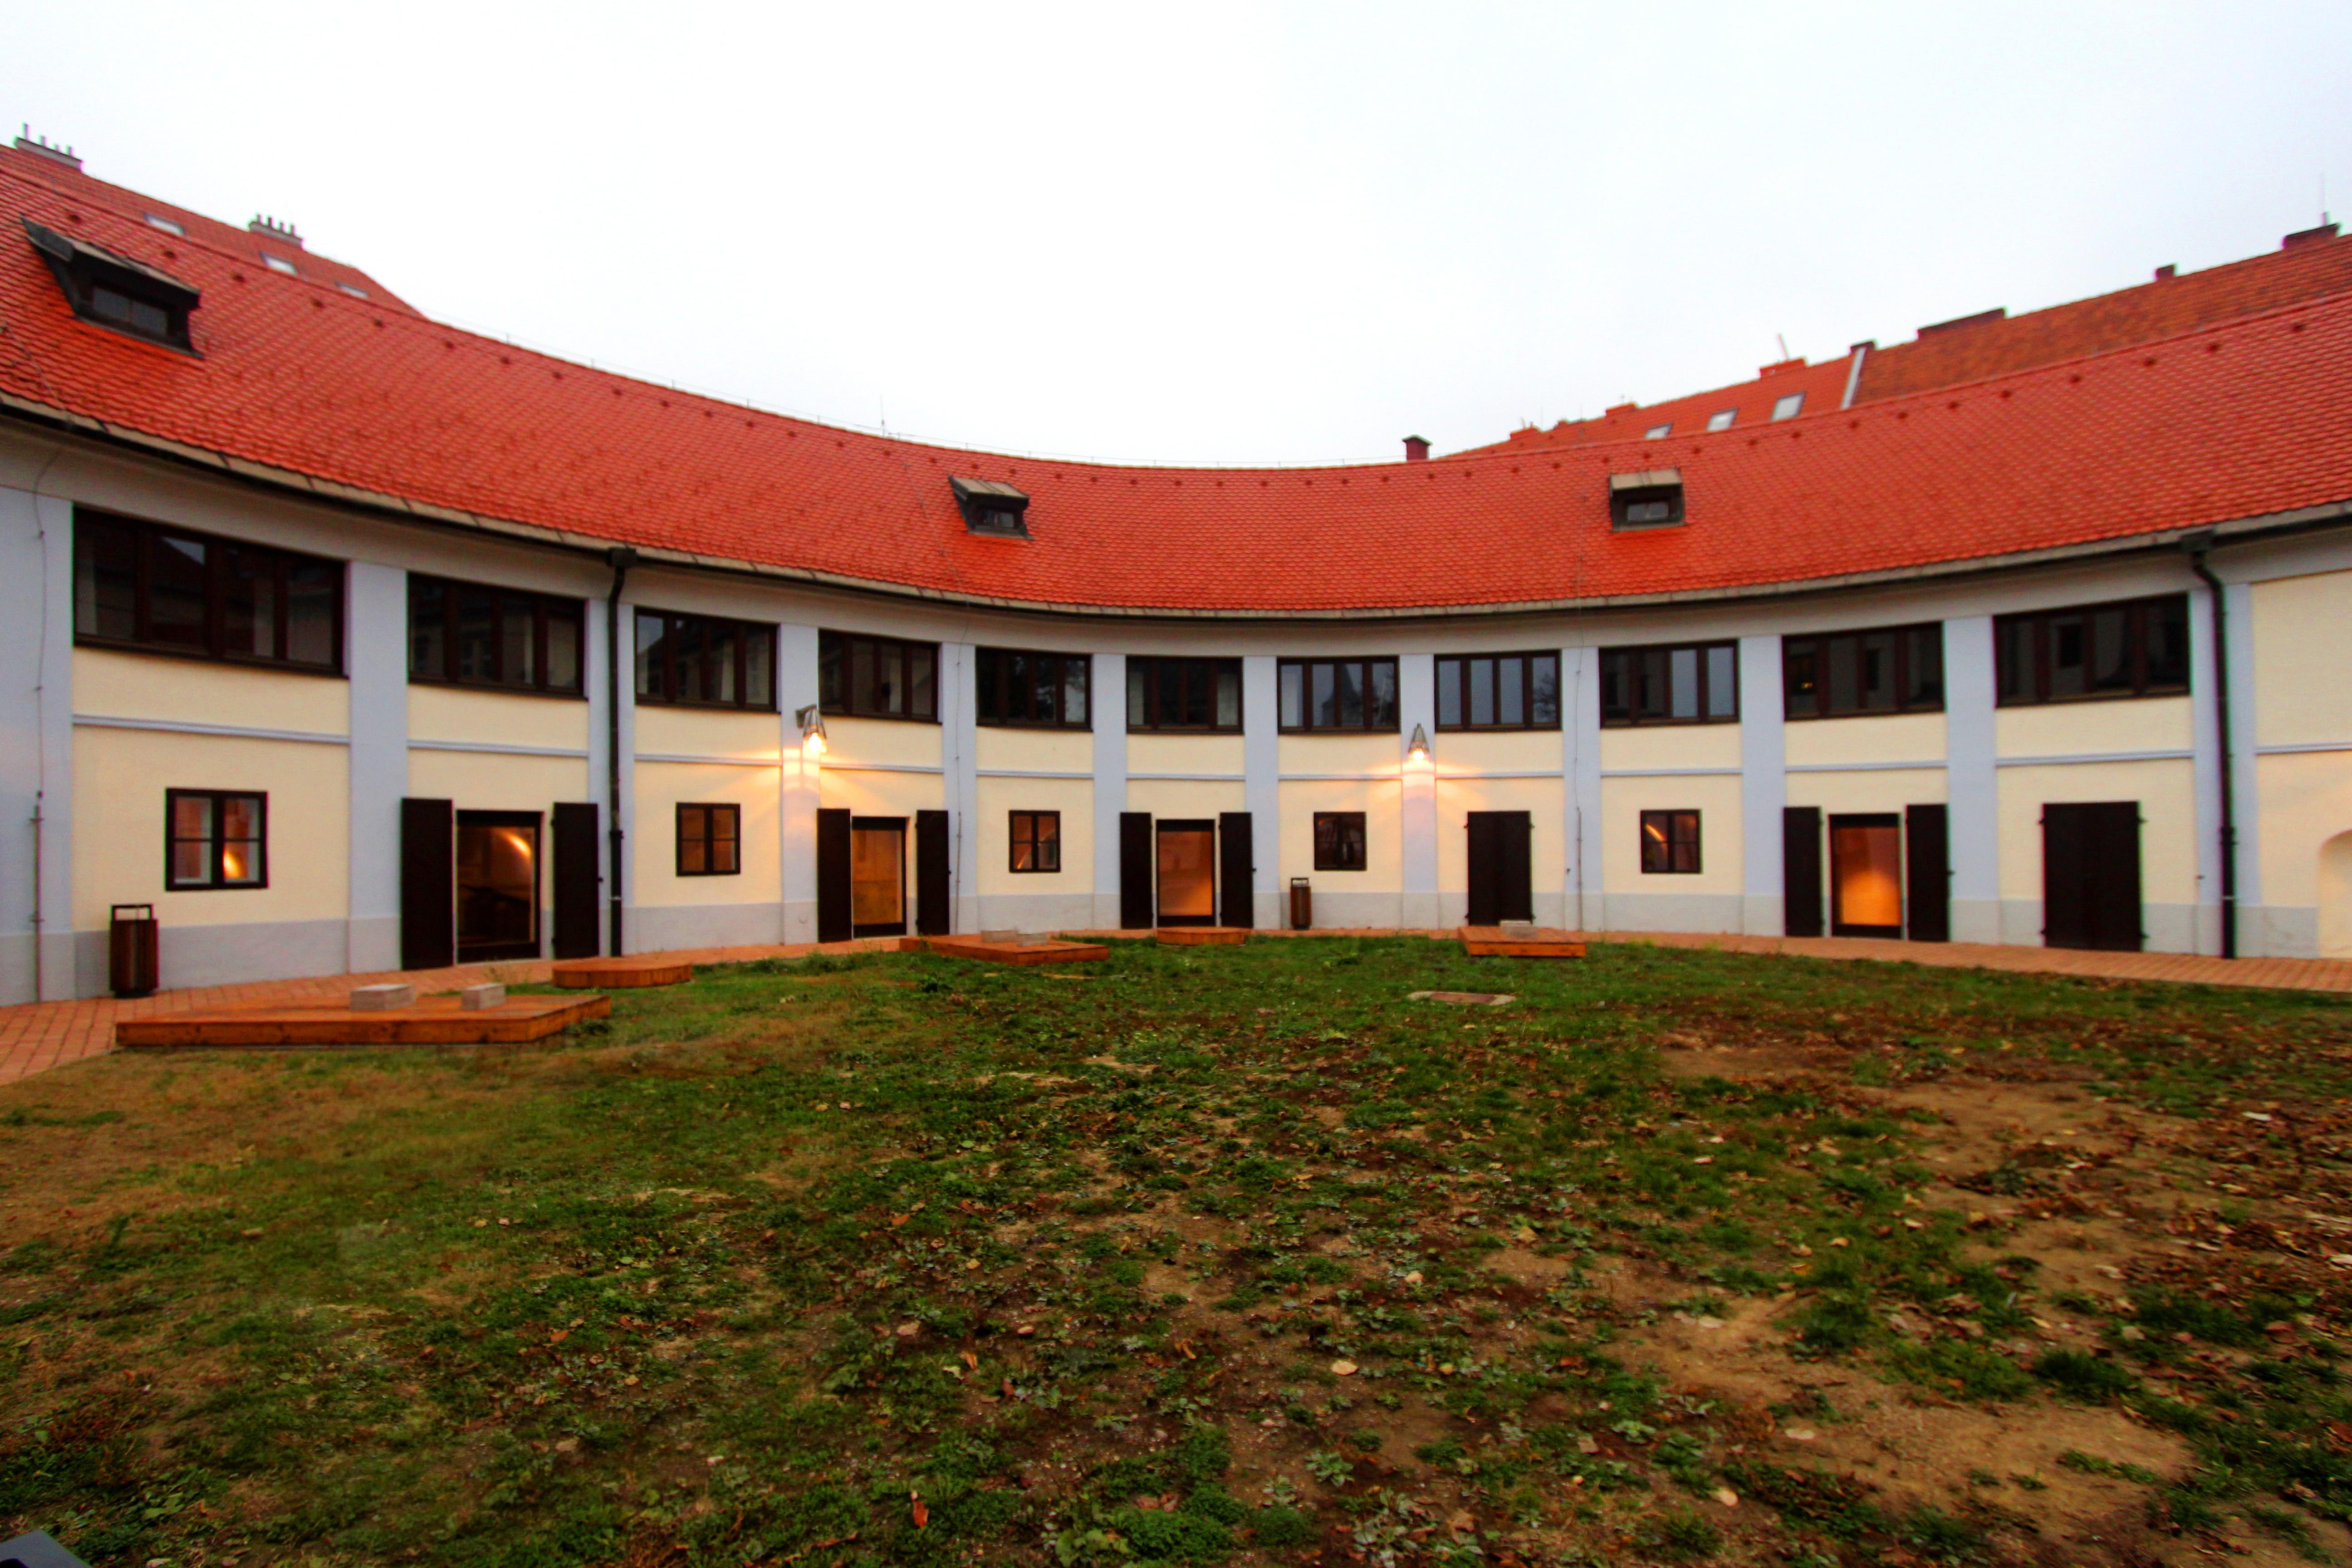 Rodostói-ház, Kassa